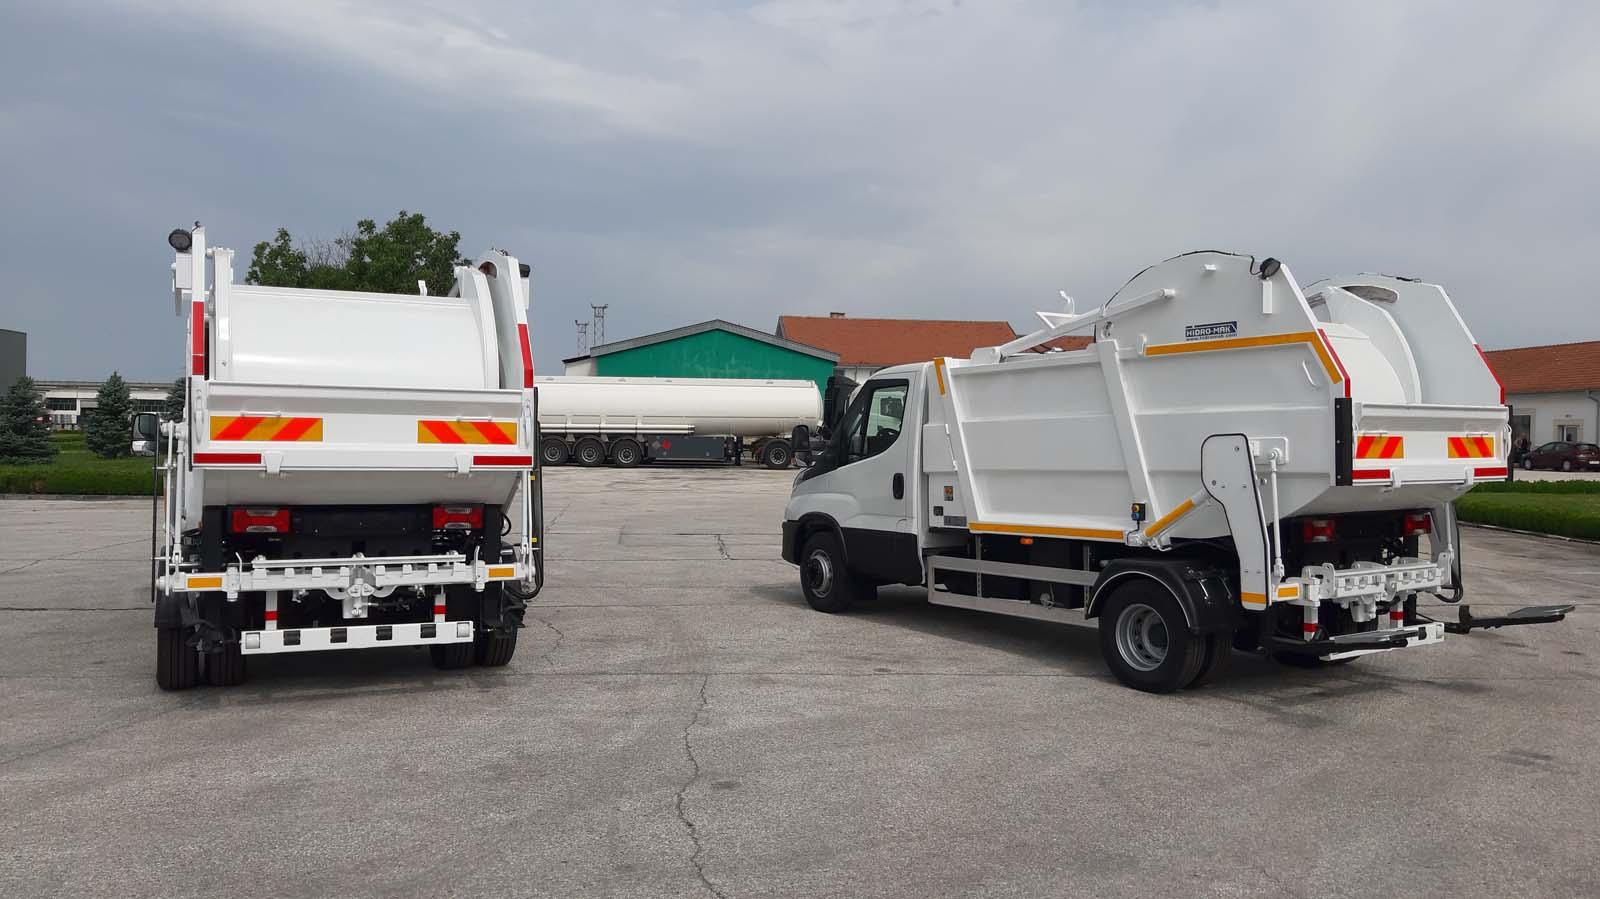 burgas-truck-service-upgrades-3